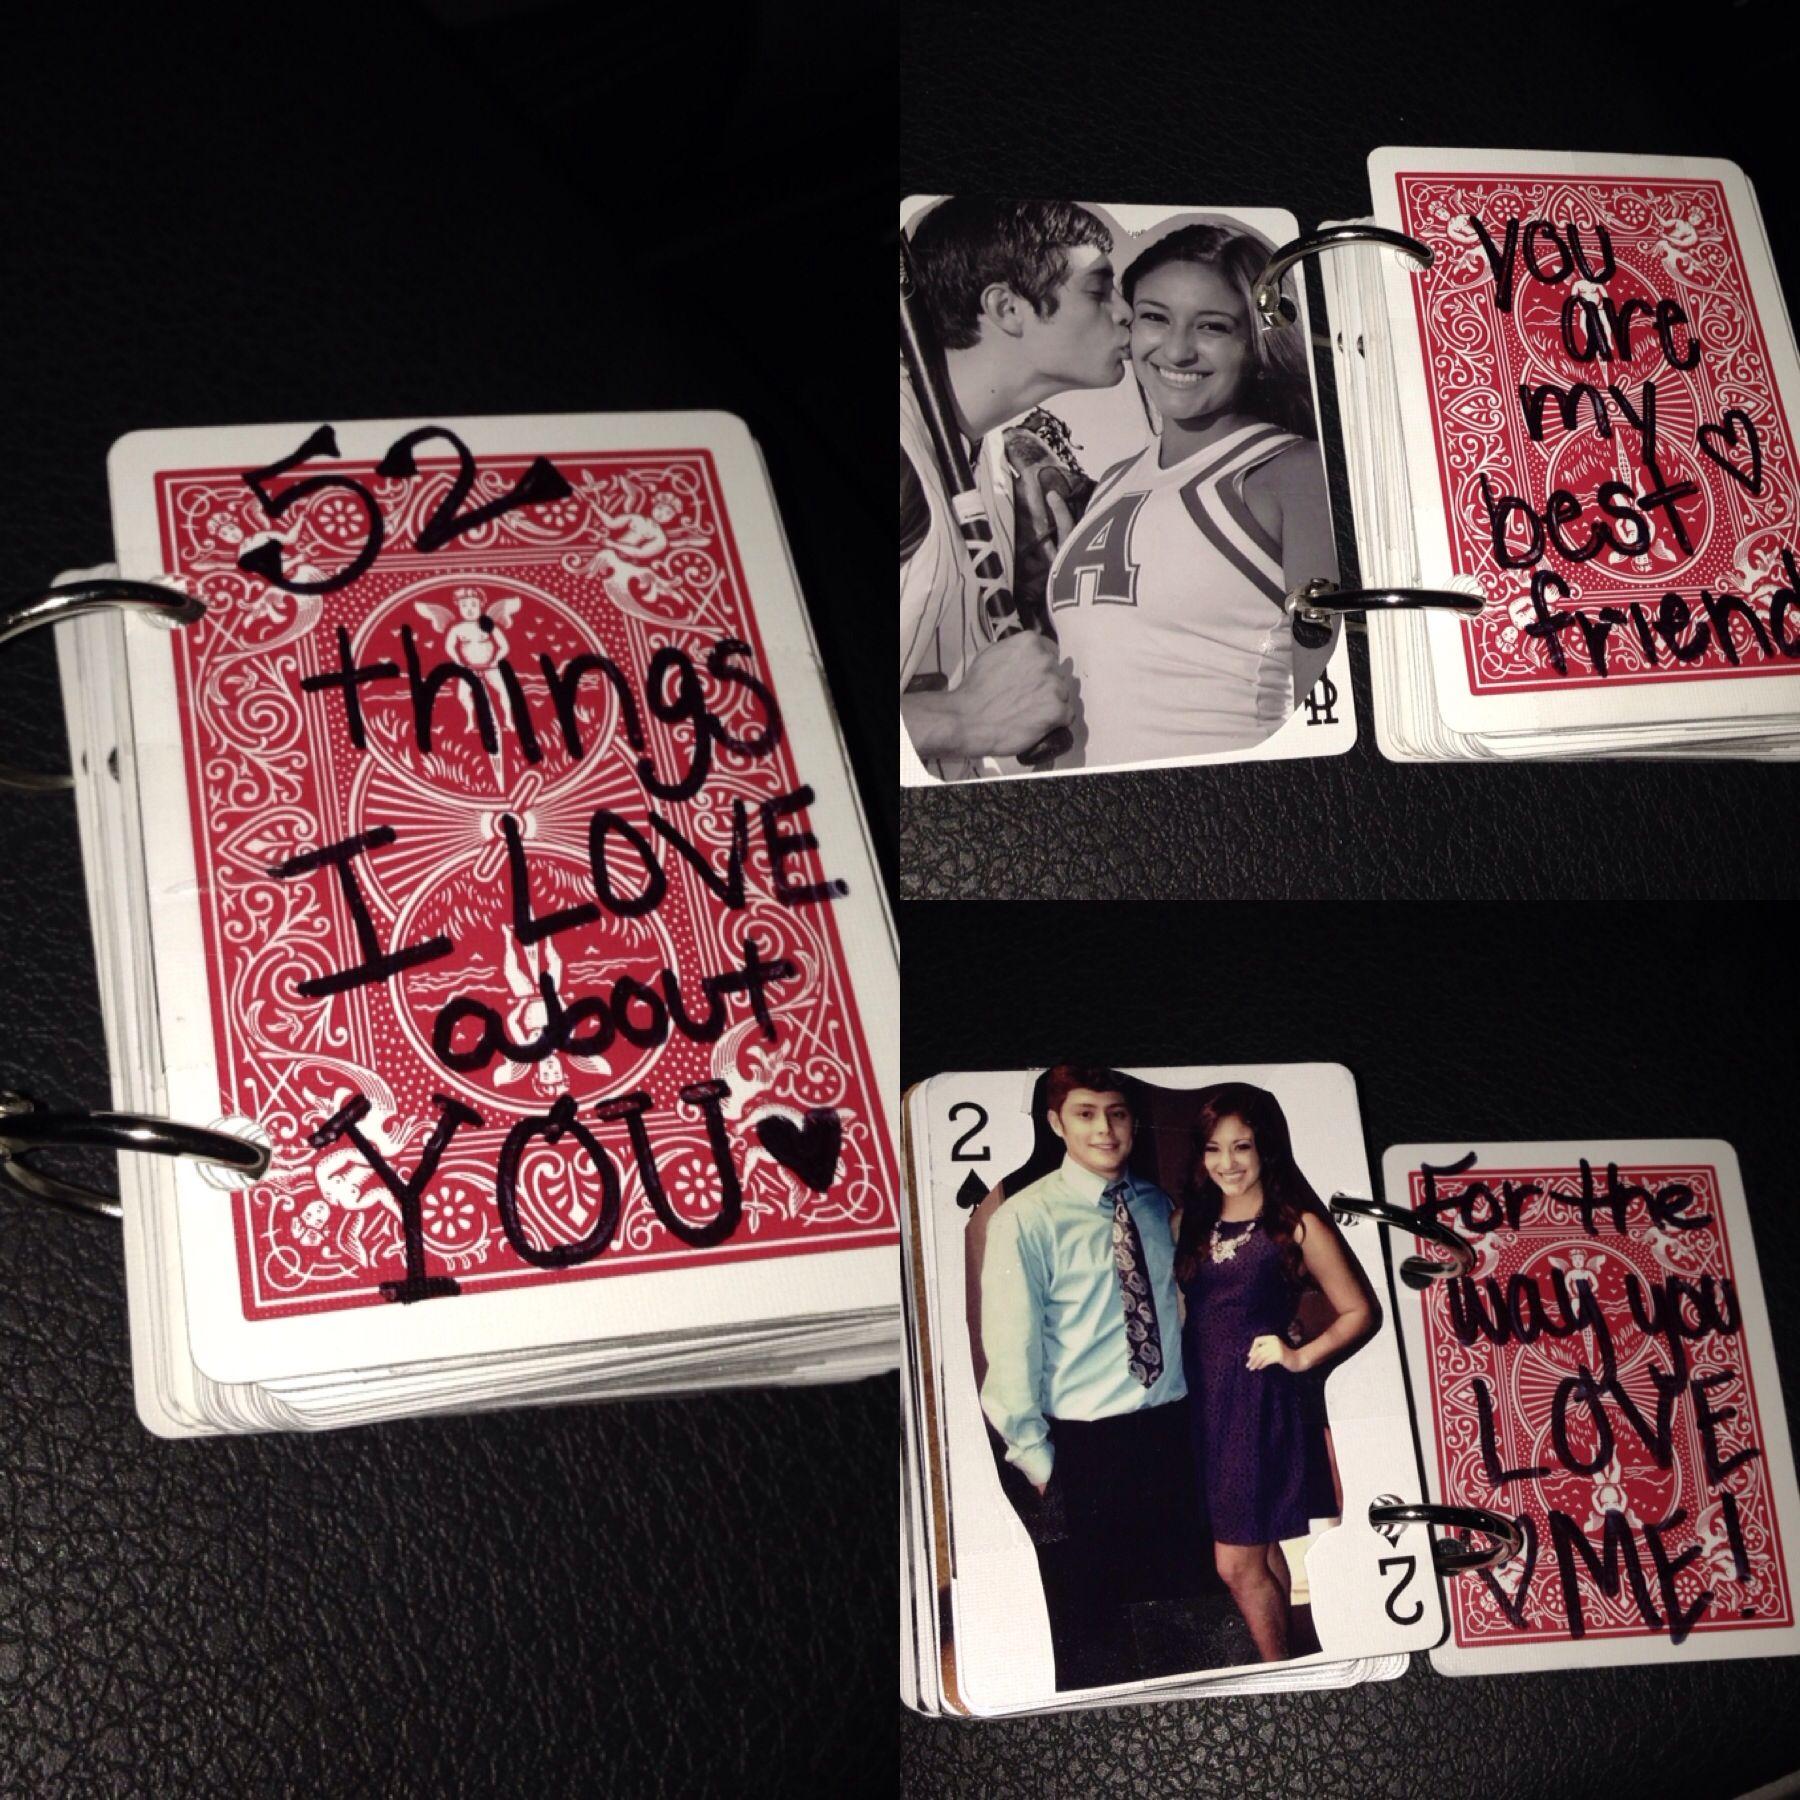 Pin By Larissa Salazar On For My Boyfriend Boyfriend Anniversary Gifts 3rd Year Anniversary Gifts 1 Year Anniversary Gifts